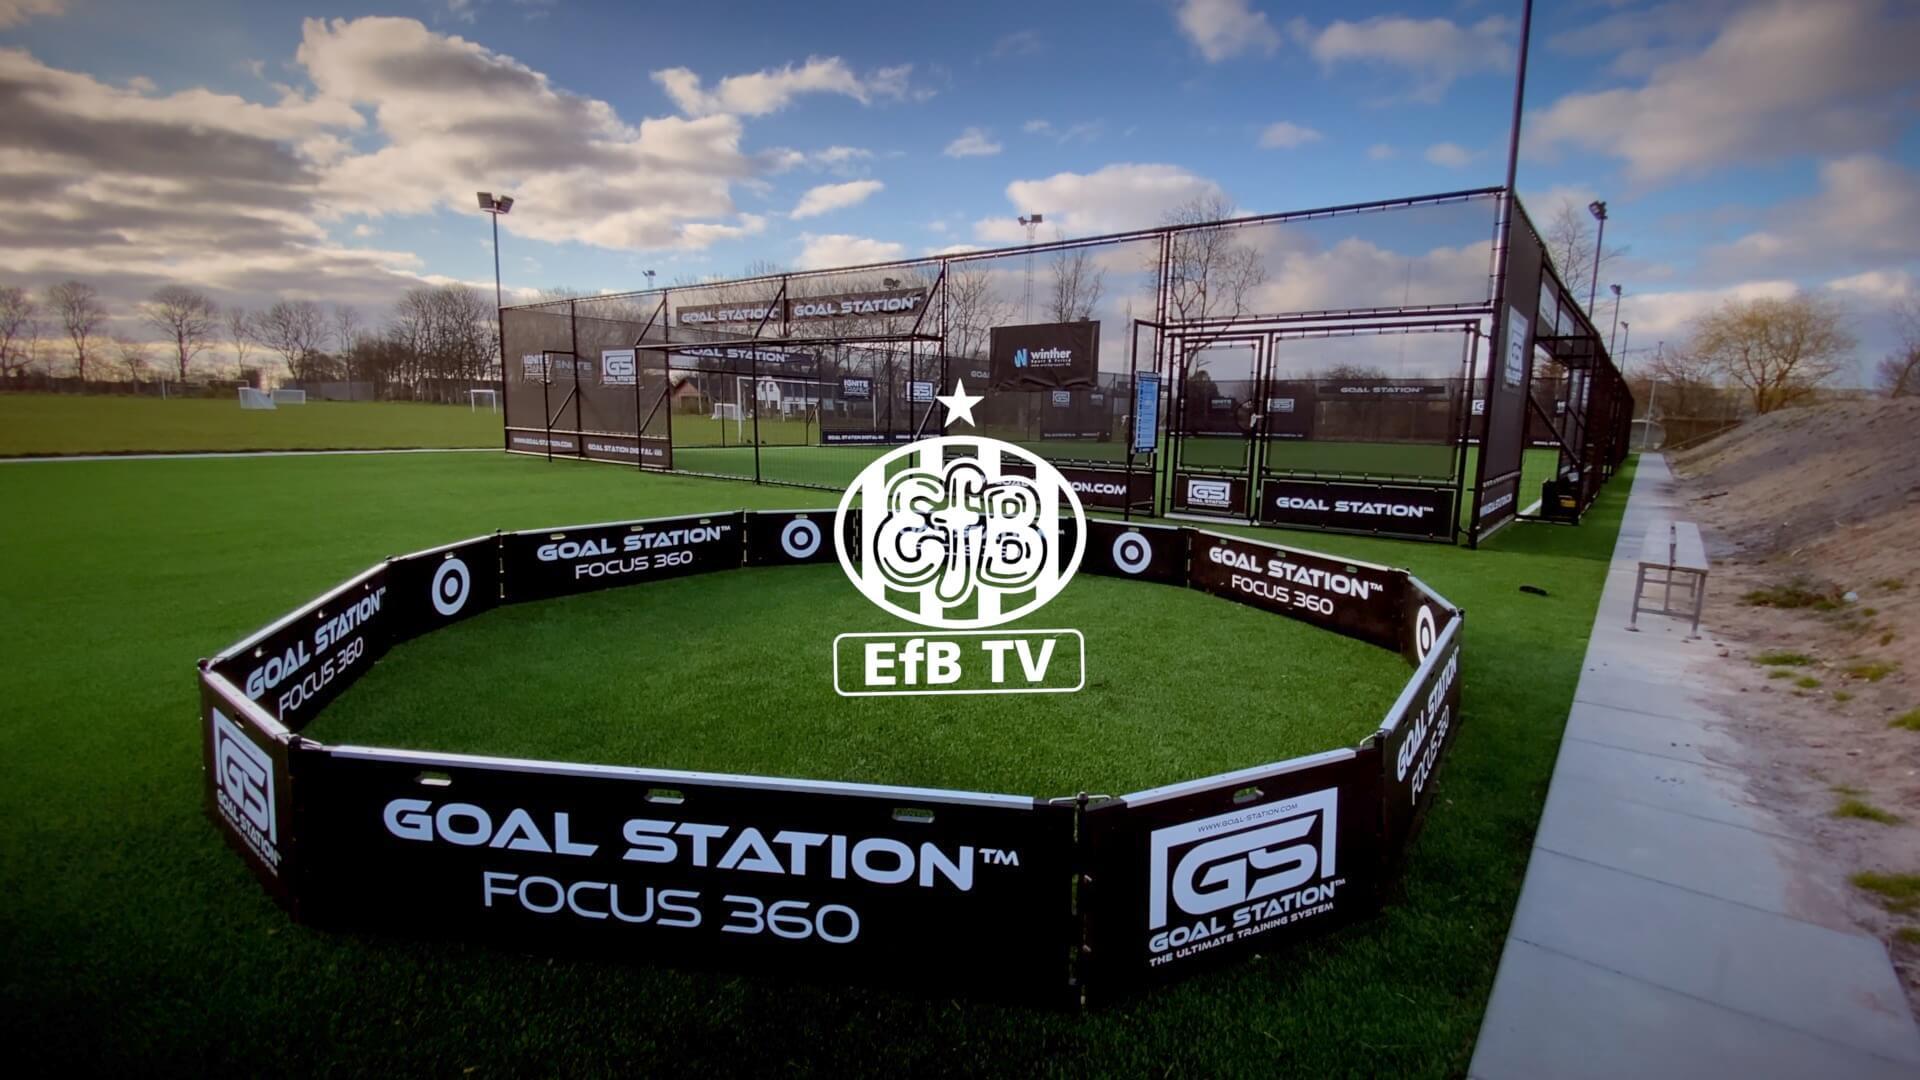 Boldklubben Vestkysten har fået en Goal Station